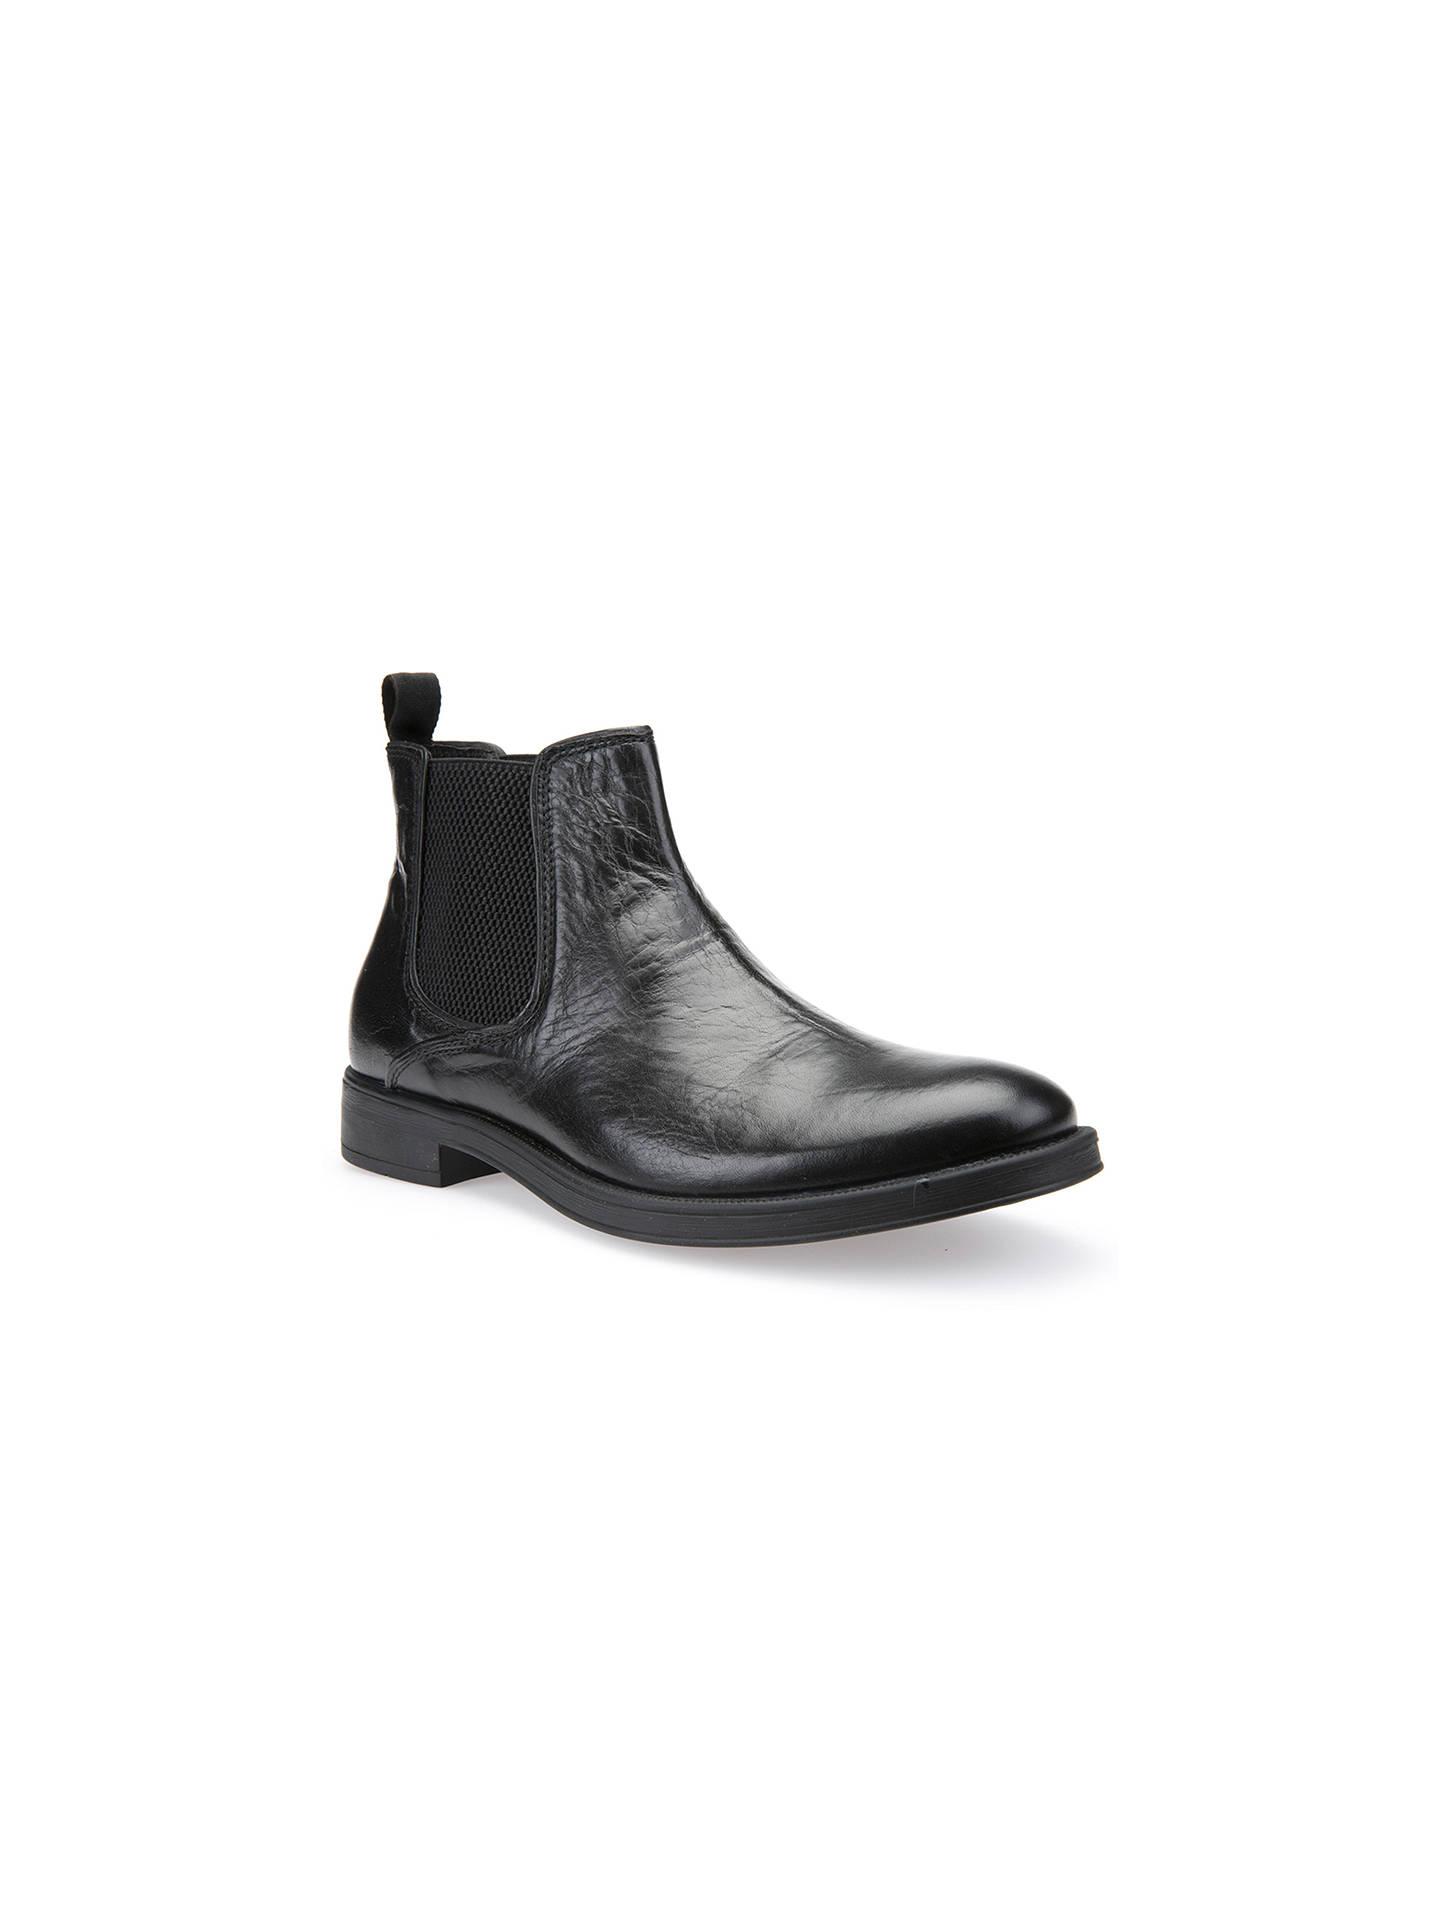 GEOX RESPIRA Blade Chelsea Boots